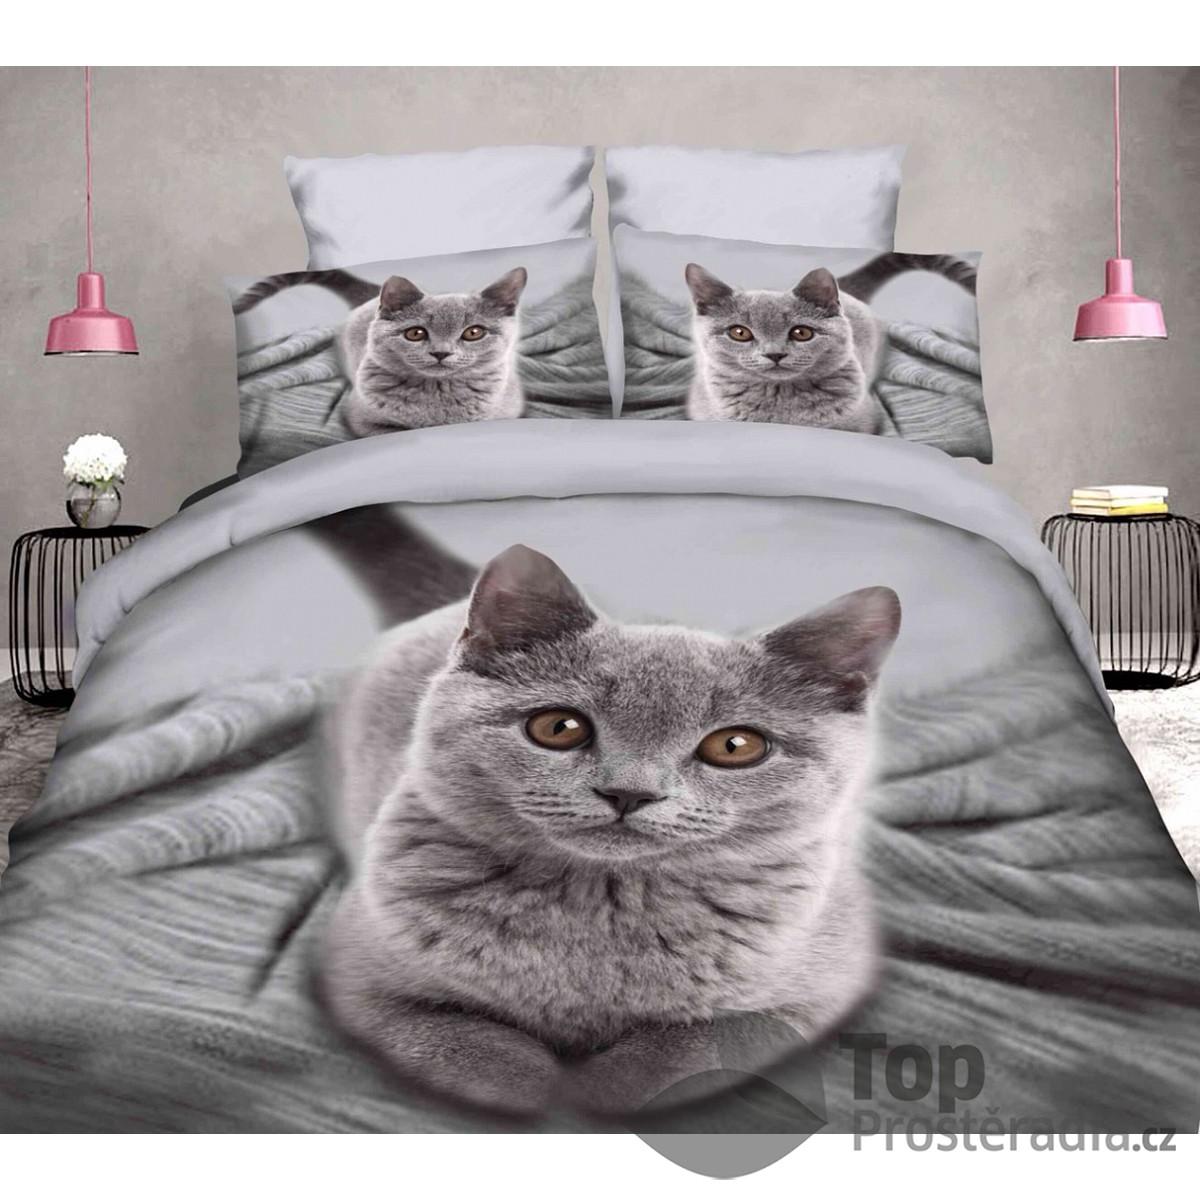 TOP 3D povlečení 140x200 70x90 Kočka